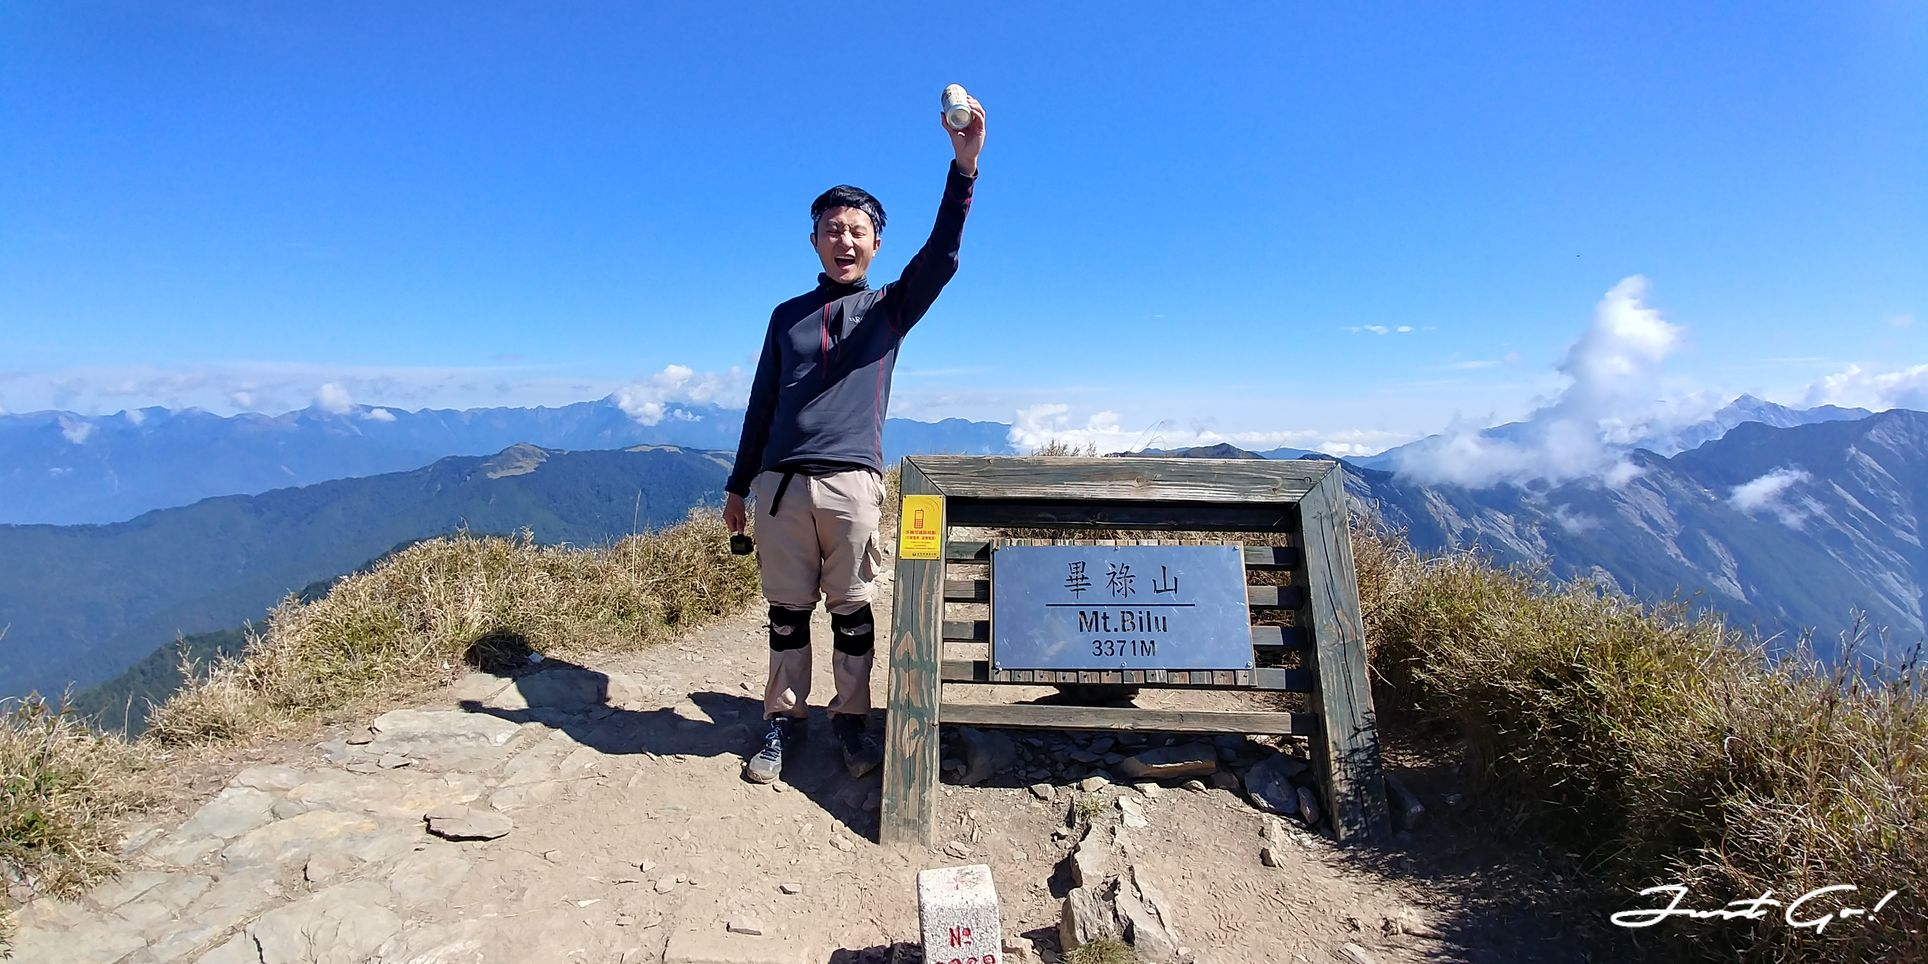 台灣 - 一日百岳·畢祿羊頭縱走單攻紀錄- gpx路線、申請、接駁及遊記8